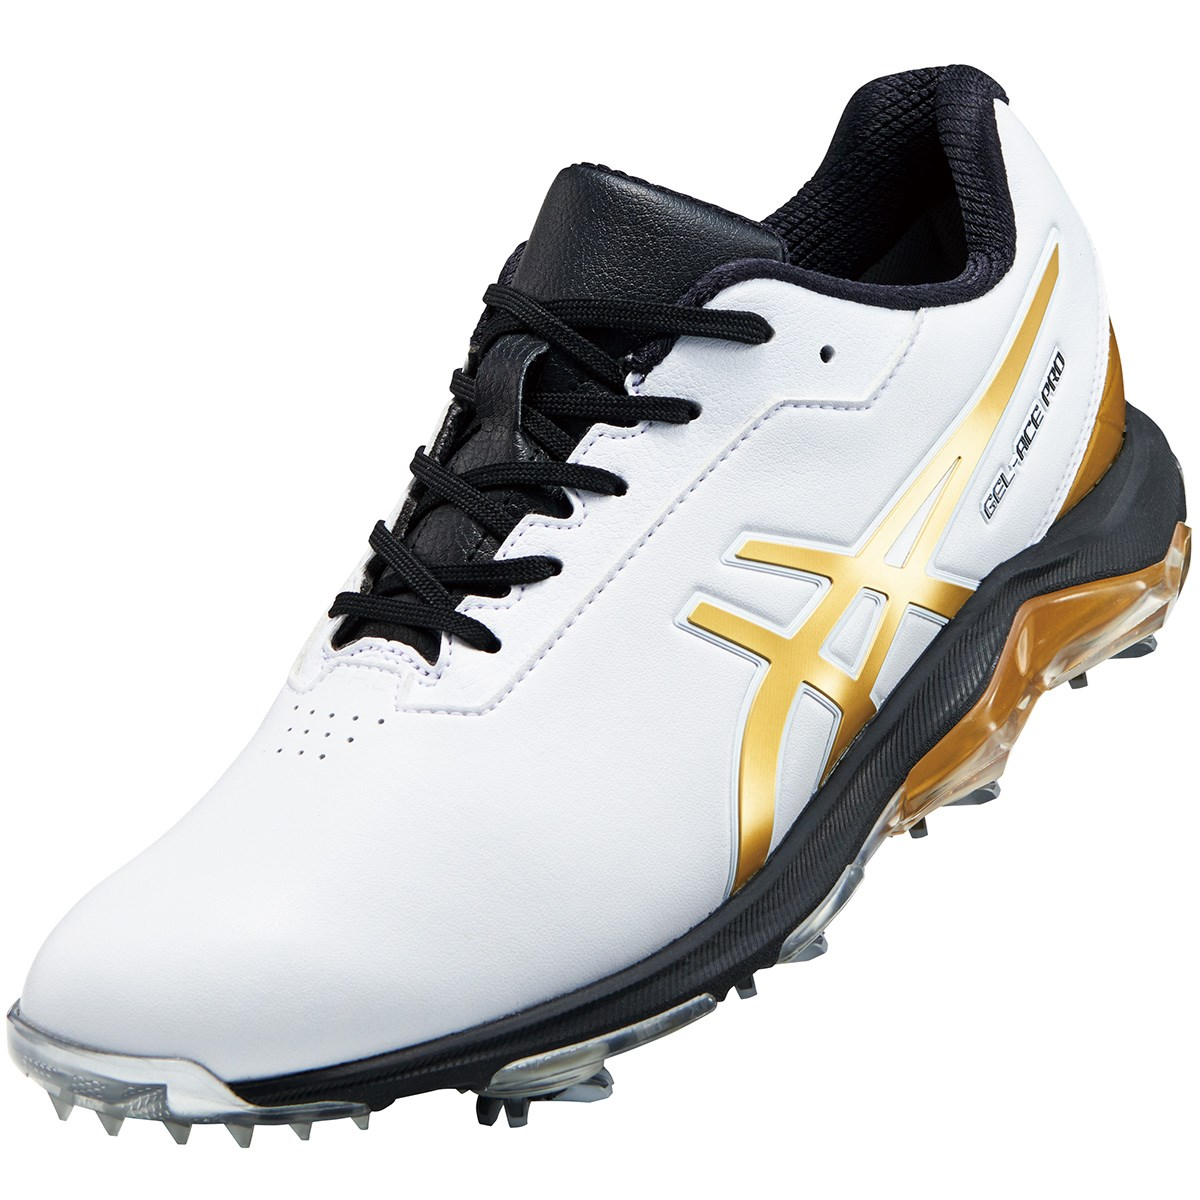 アシックス ASICS ゴルフシューズ 26.5cm ホワイト/リッチゴールド